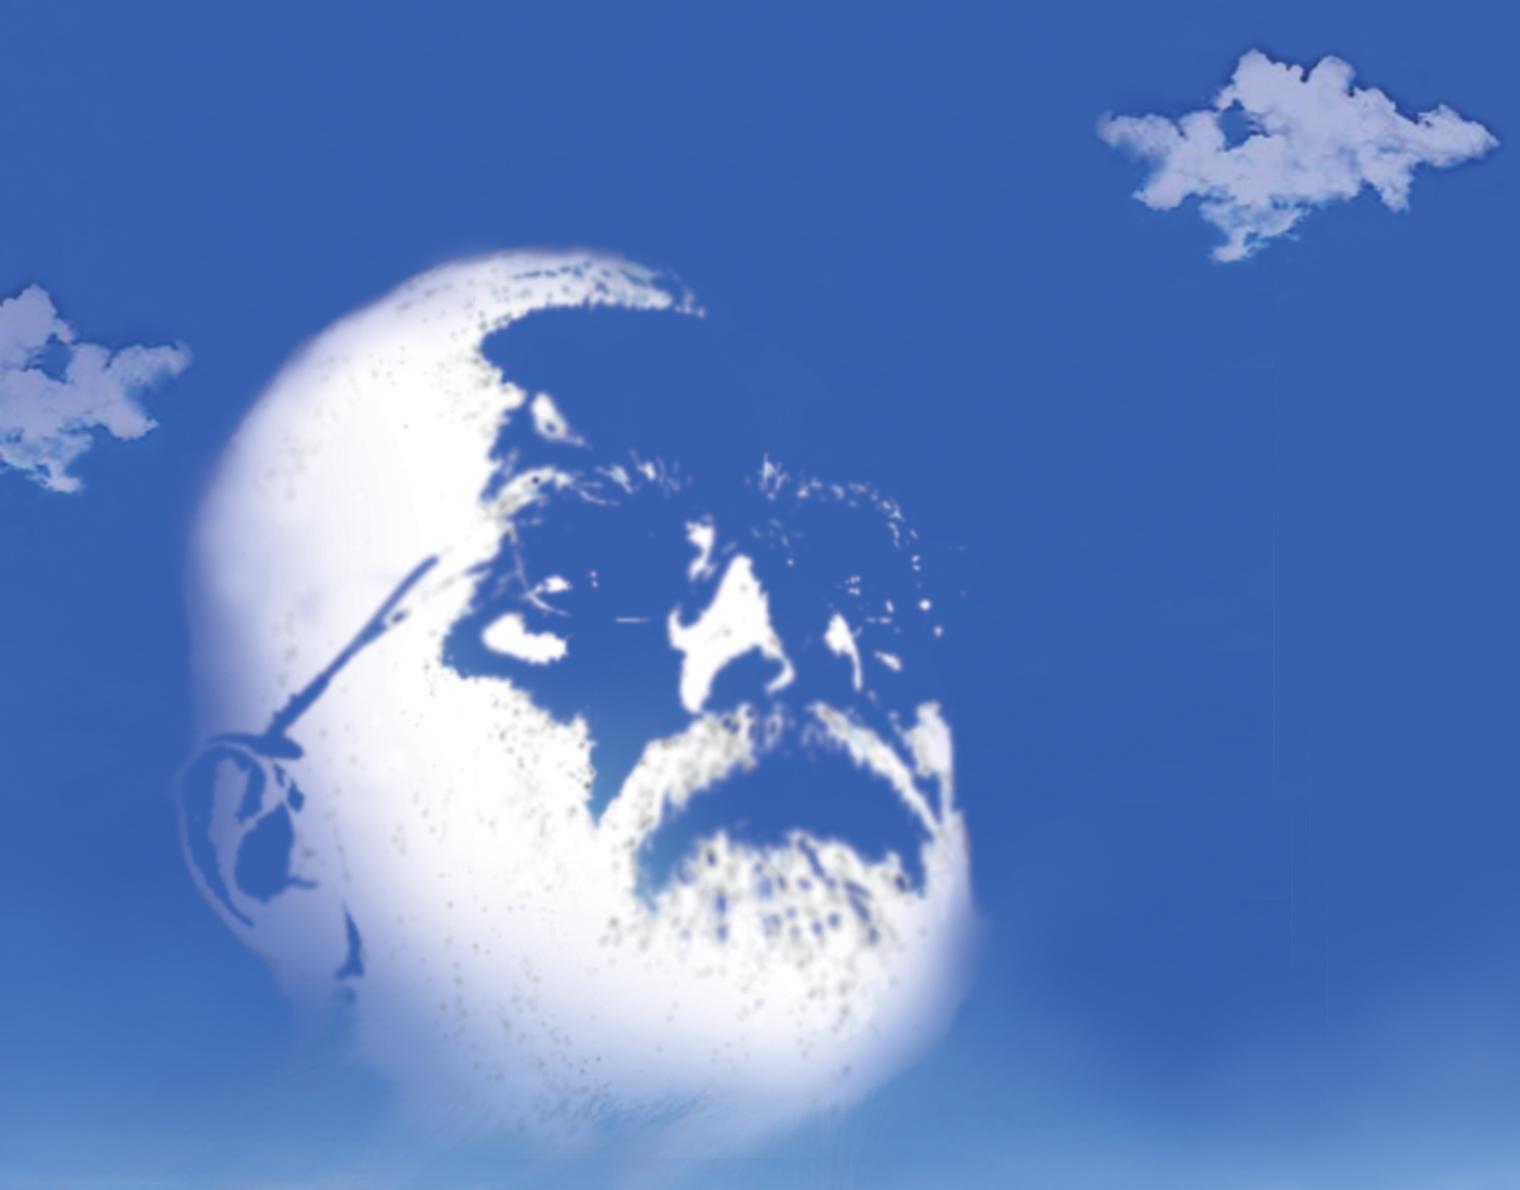 Narendra Modi's cloud cover disclosure inspires shock and awe